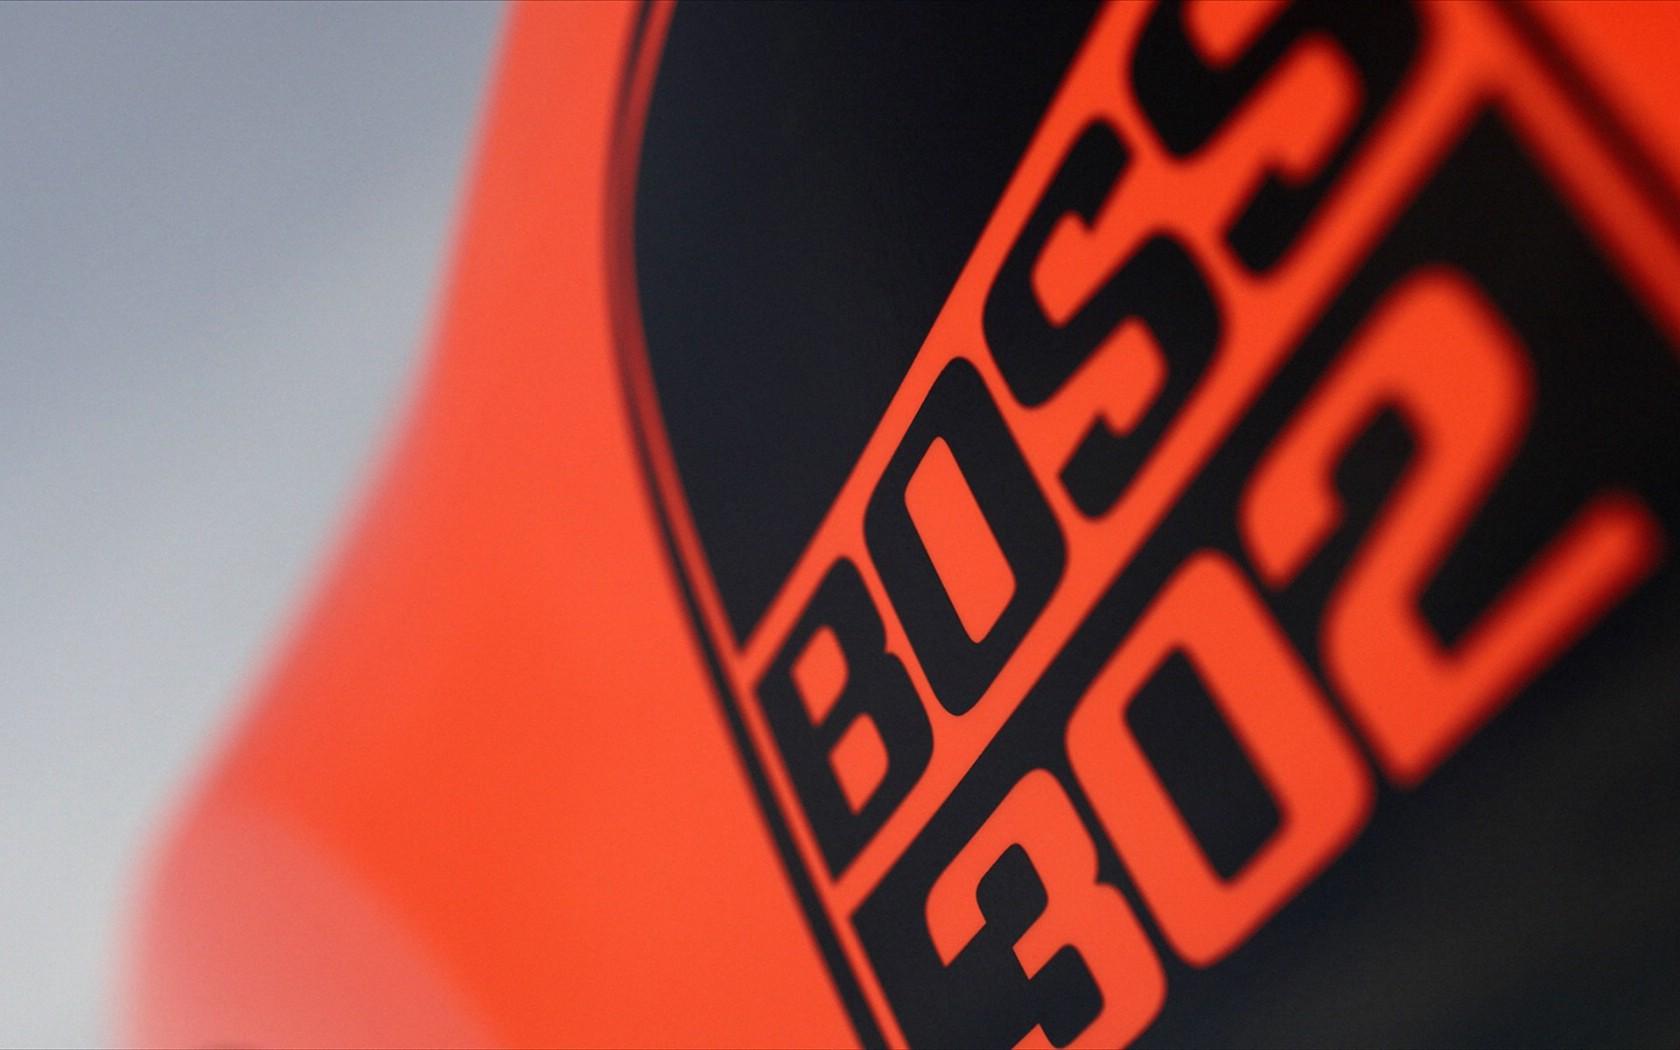 壁纸1680×1050Ford Mustang Boss 福特野马 302 2012 壁纸17壁纸 Ford Musta壁纸图片静物壁纸静物图片素材桌面壁纸